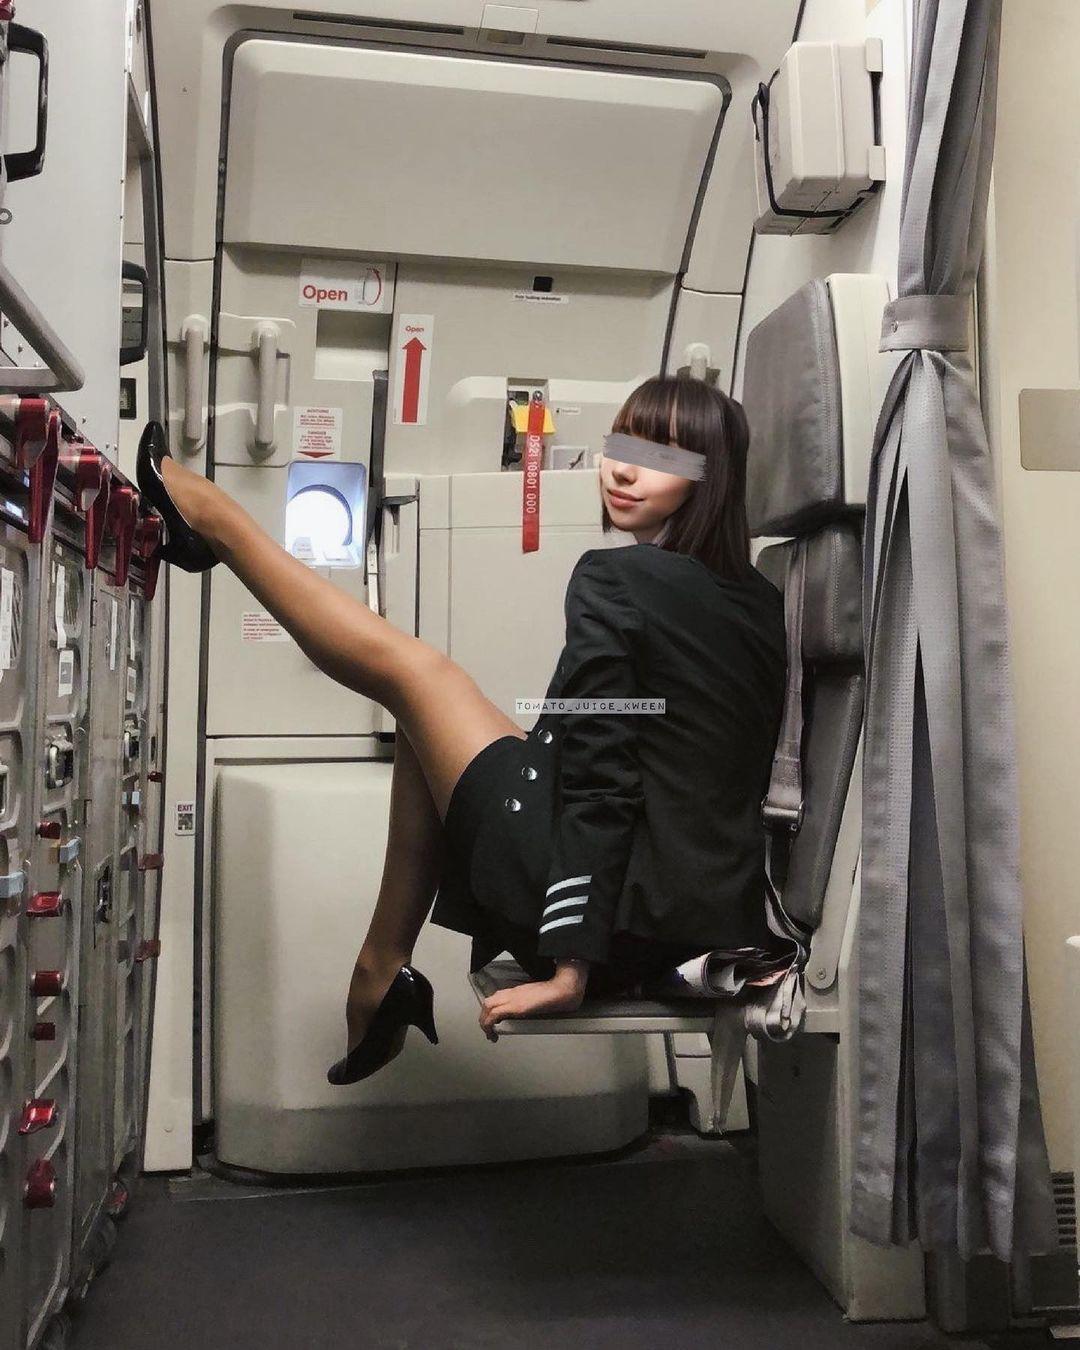 Посты стюардессы набирают сотни лайков, а в комментариях пользователи восхищаются ее внешностью.